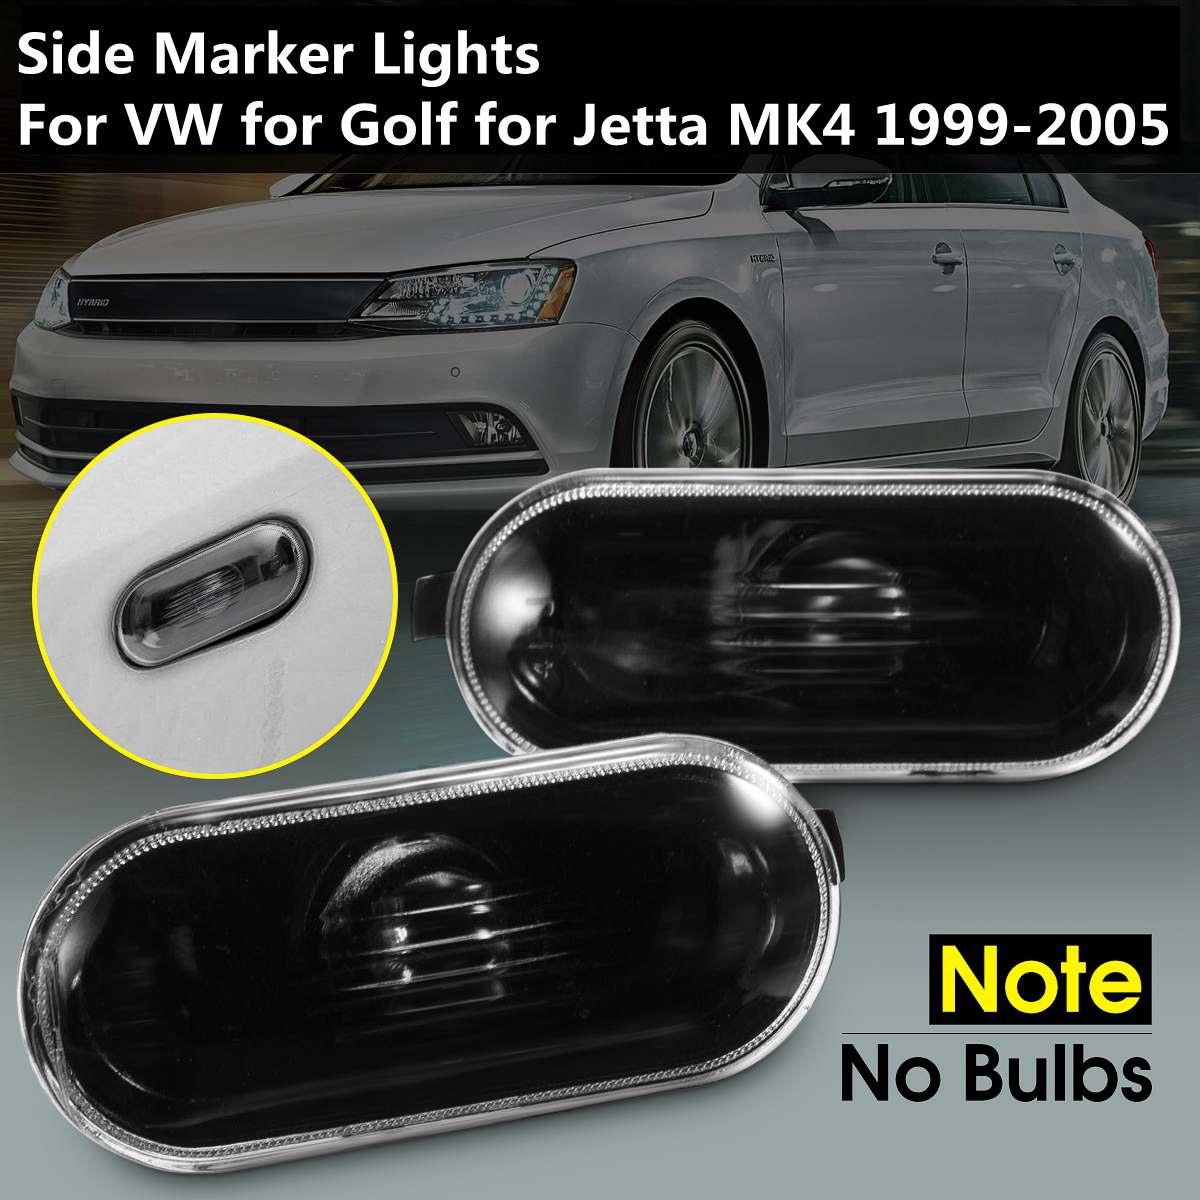 Pair Of Left Right New Black Side Marker Lights Lamp NO Bulbs For VW For Volkswagen Passat 1997-2004 Golf For Jetta MK4 1999-200